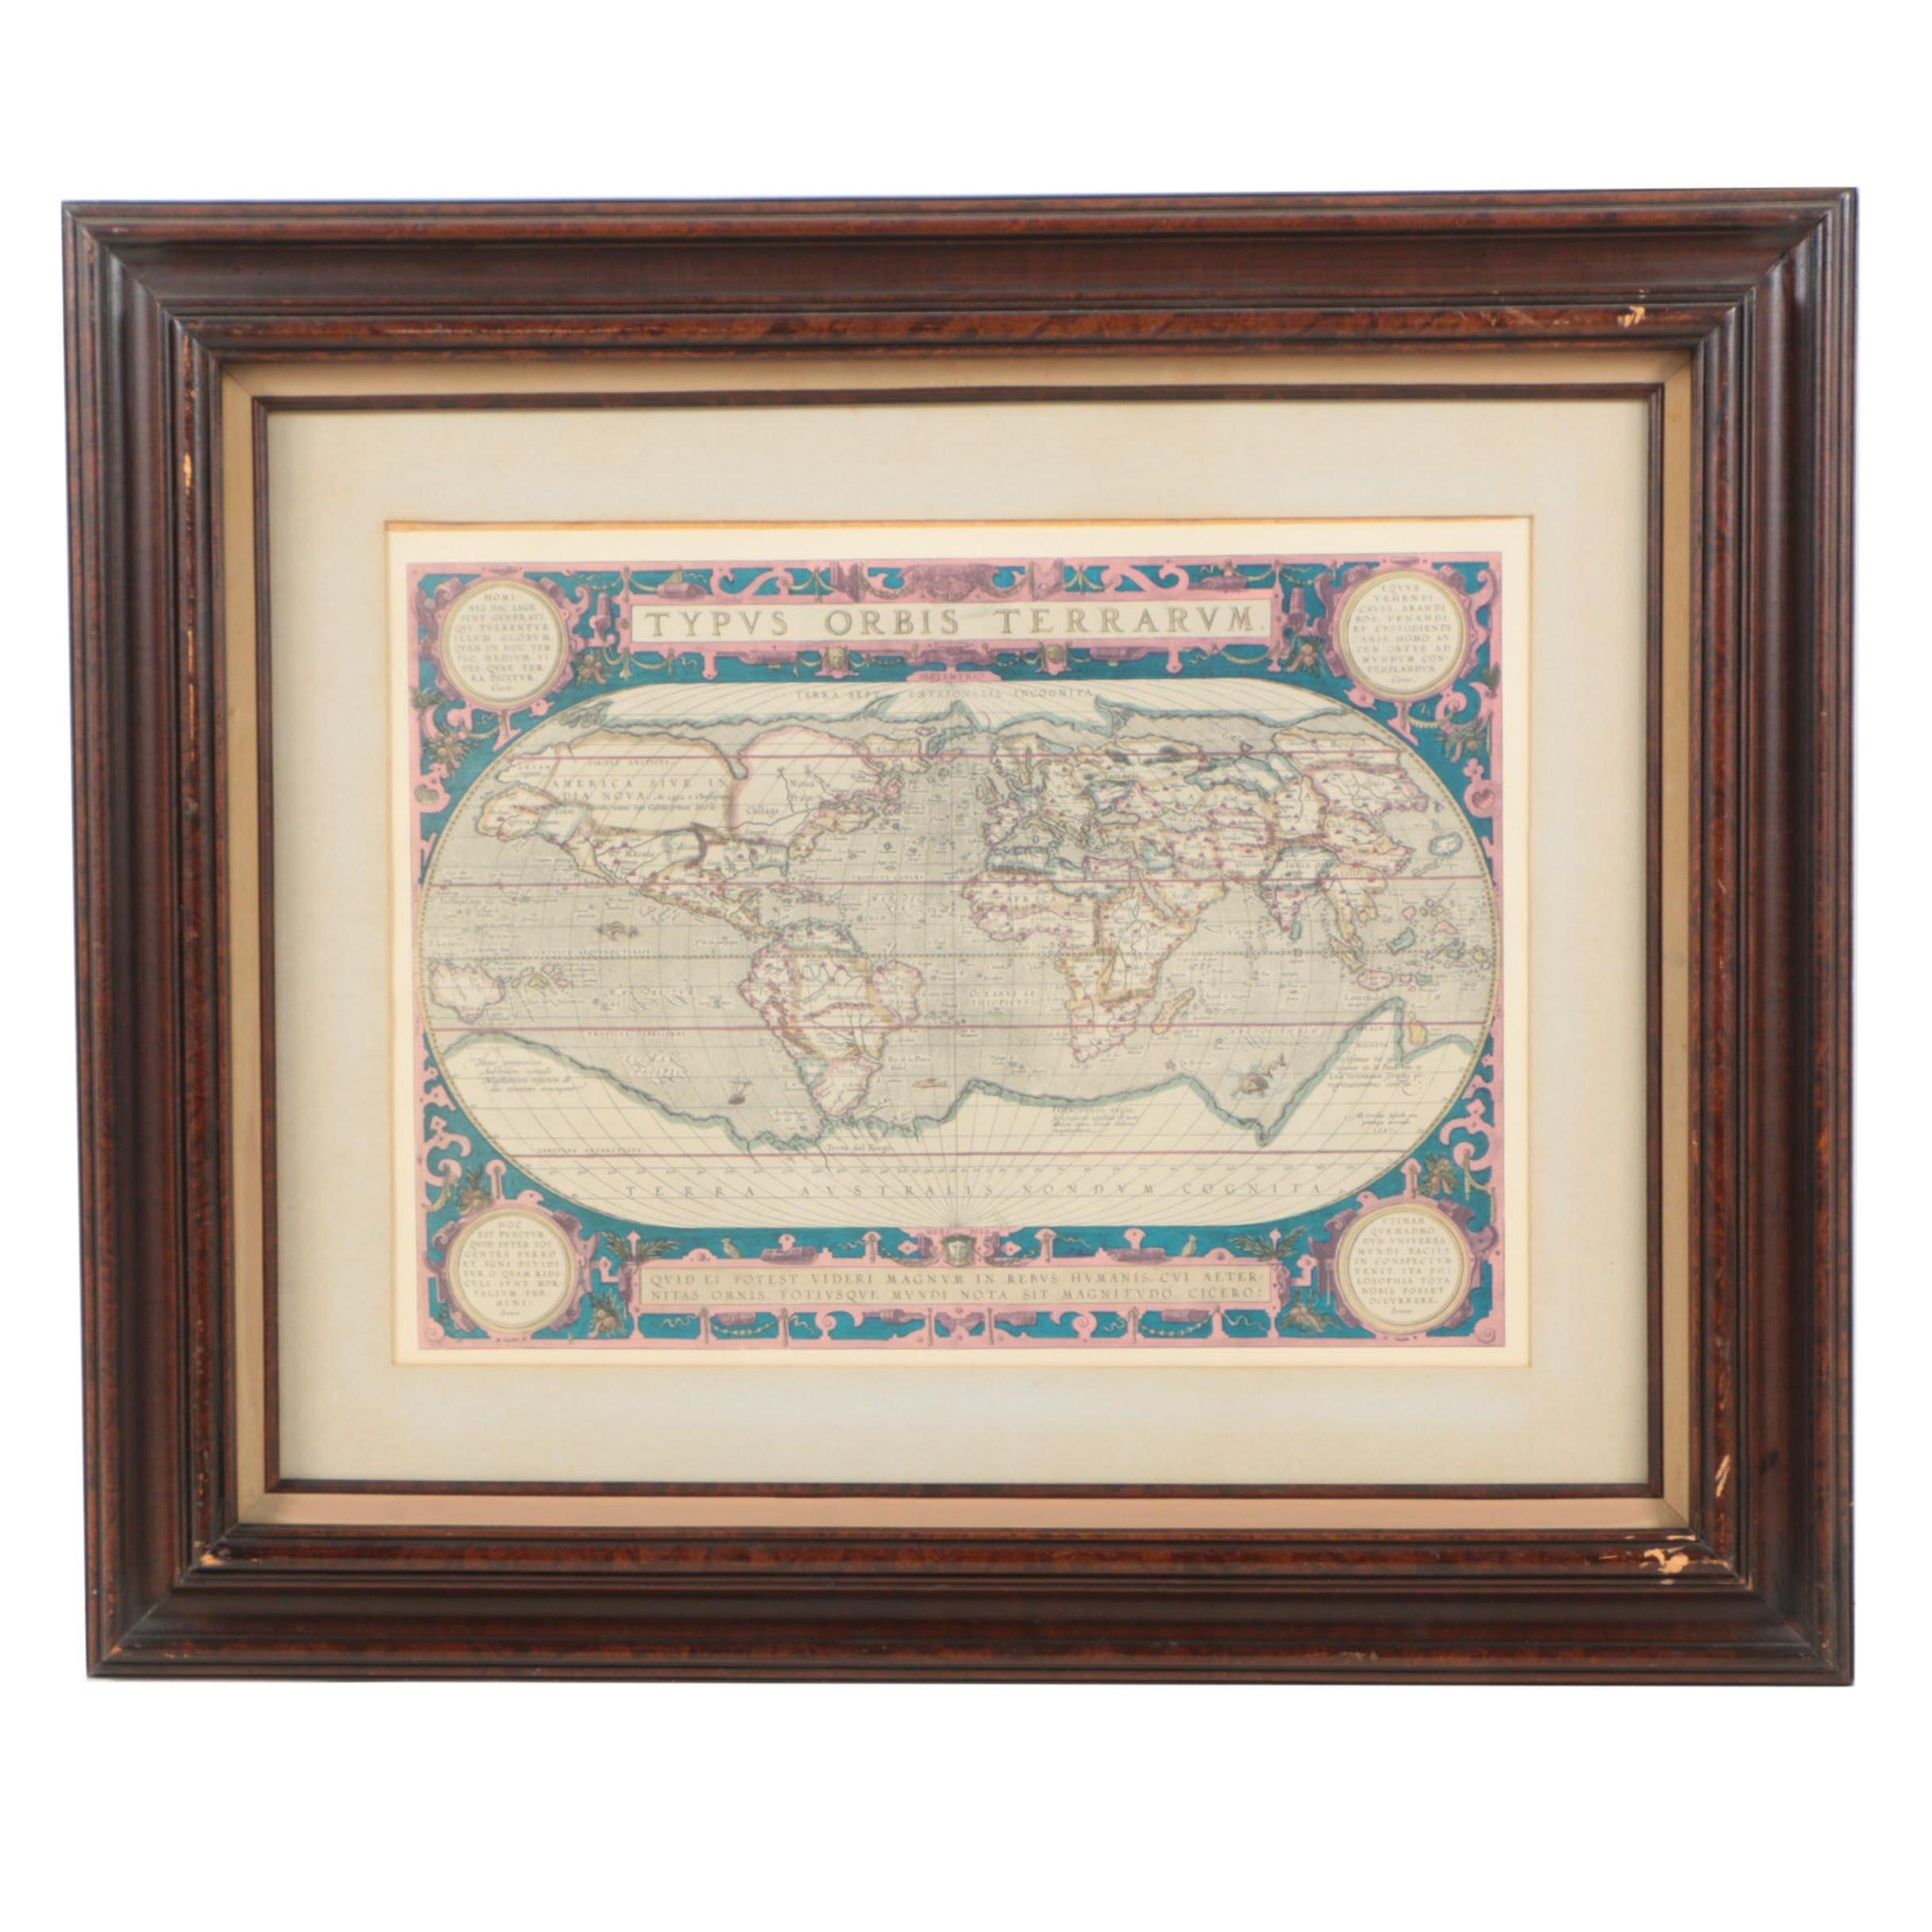 """World Map Engraving After Ortelius's """"Typus Orbis Terrarum"""""""